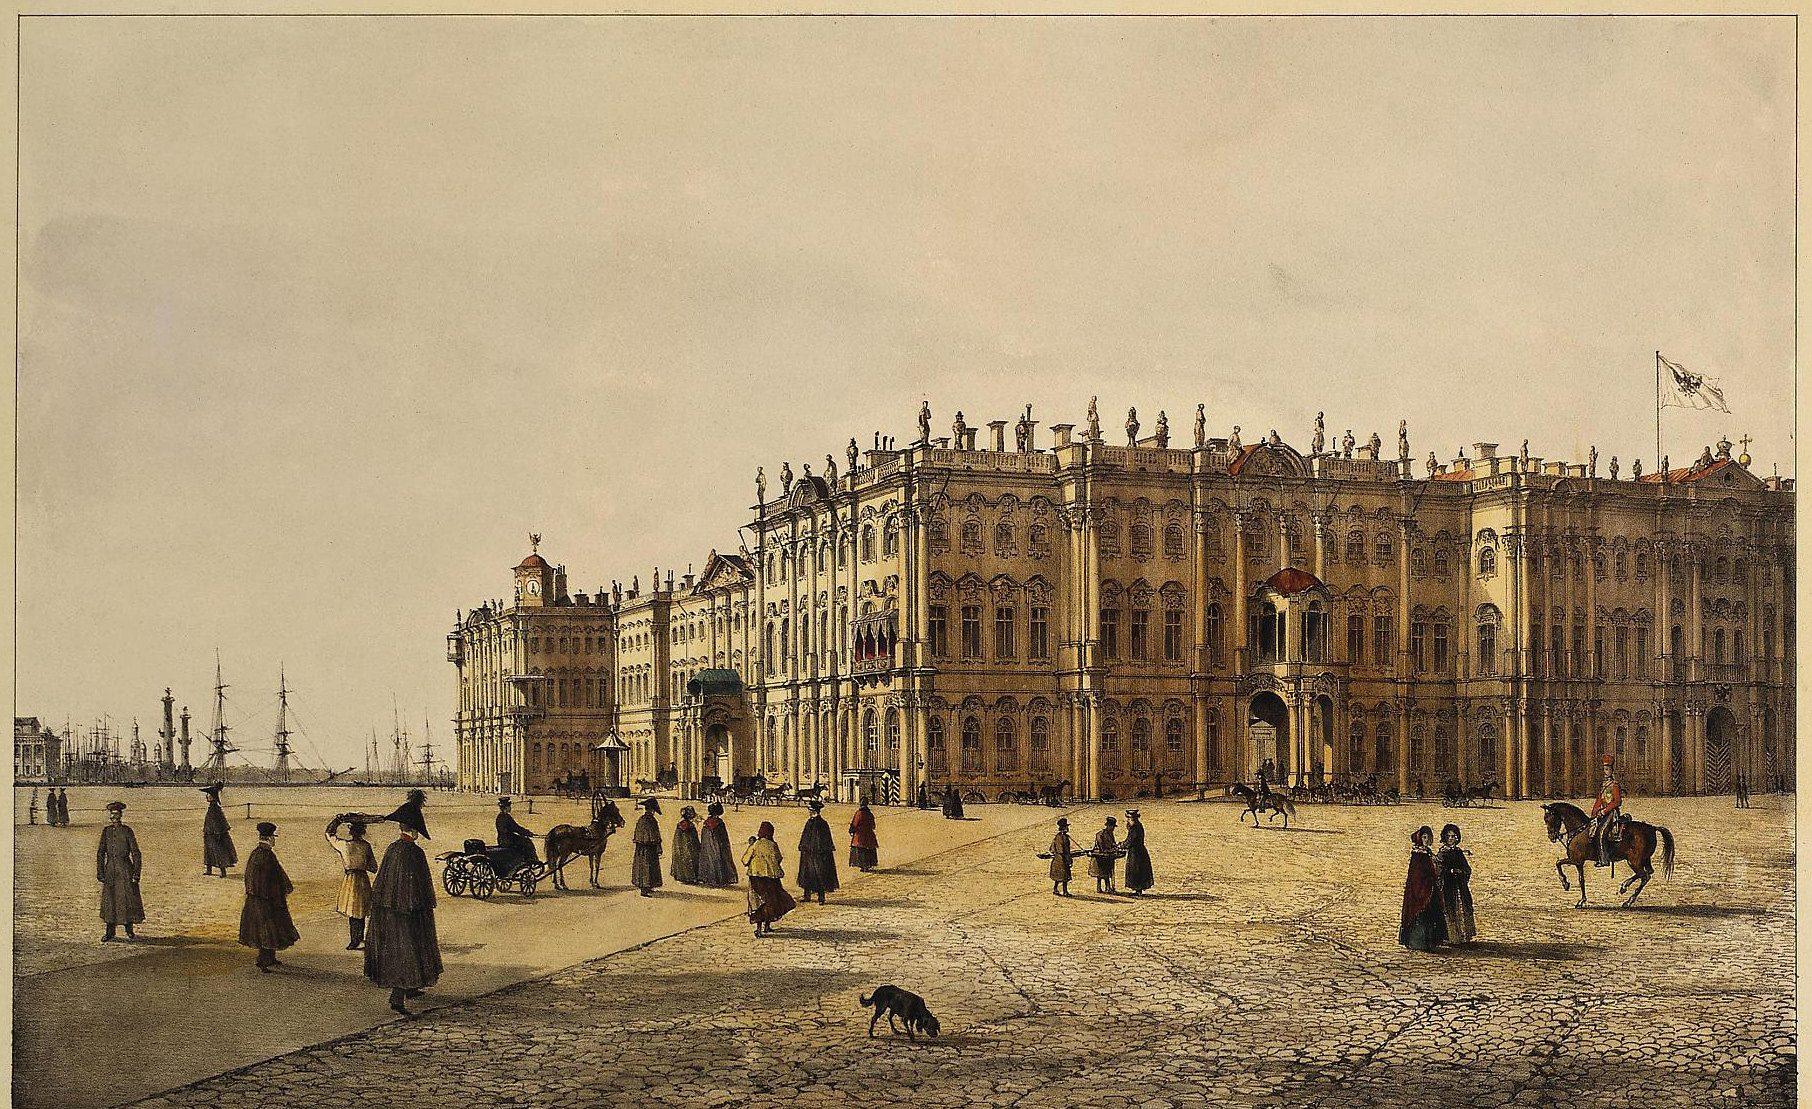 Вид Зимнего дворца Эрмитажа (1839-1840)